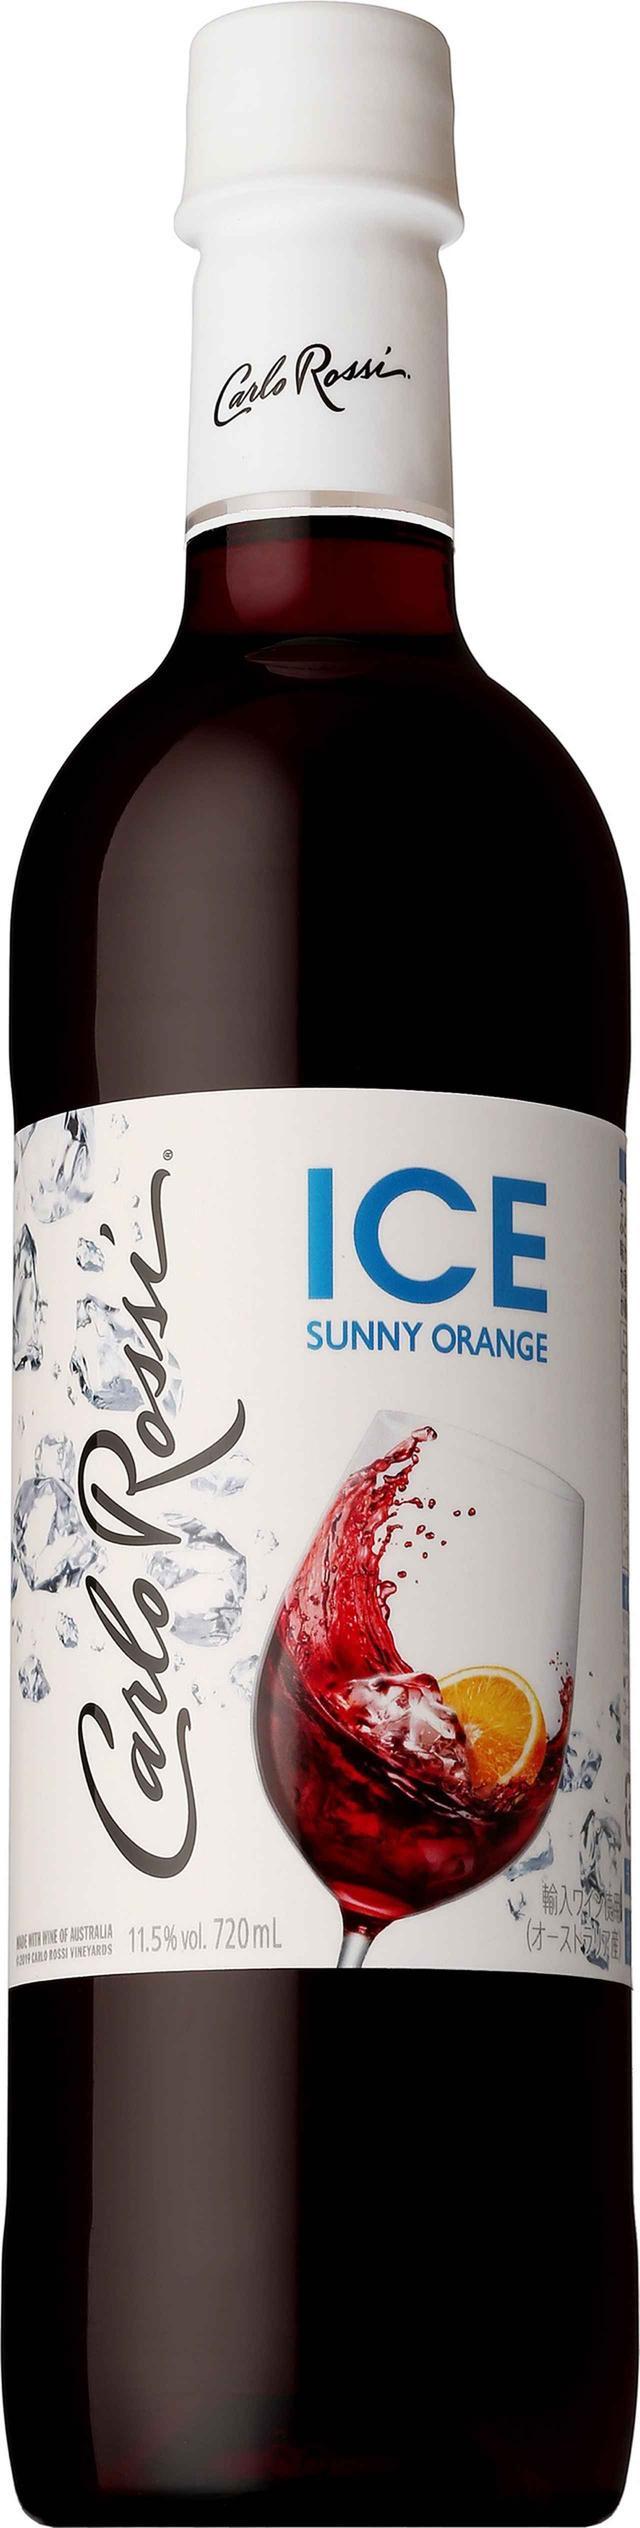 画像2: 冷やしワインで残暑を乗り切る!